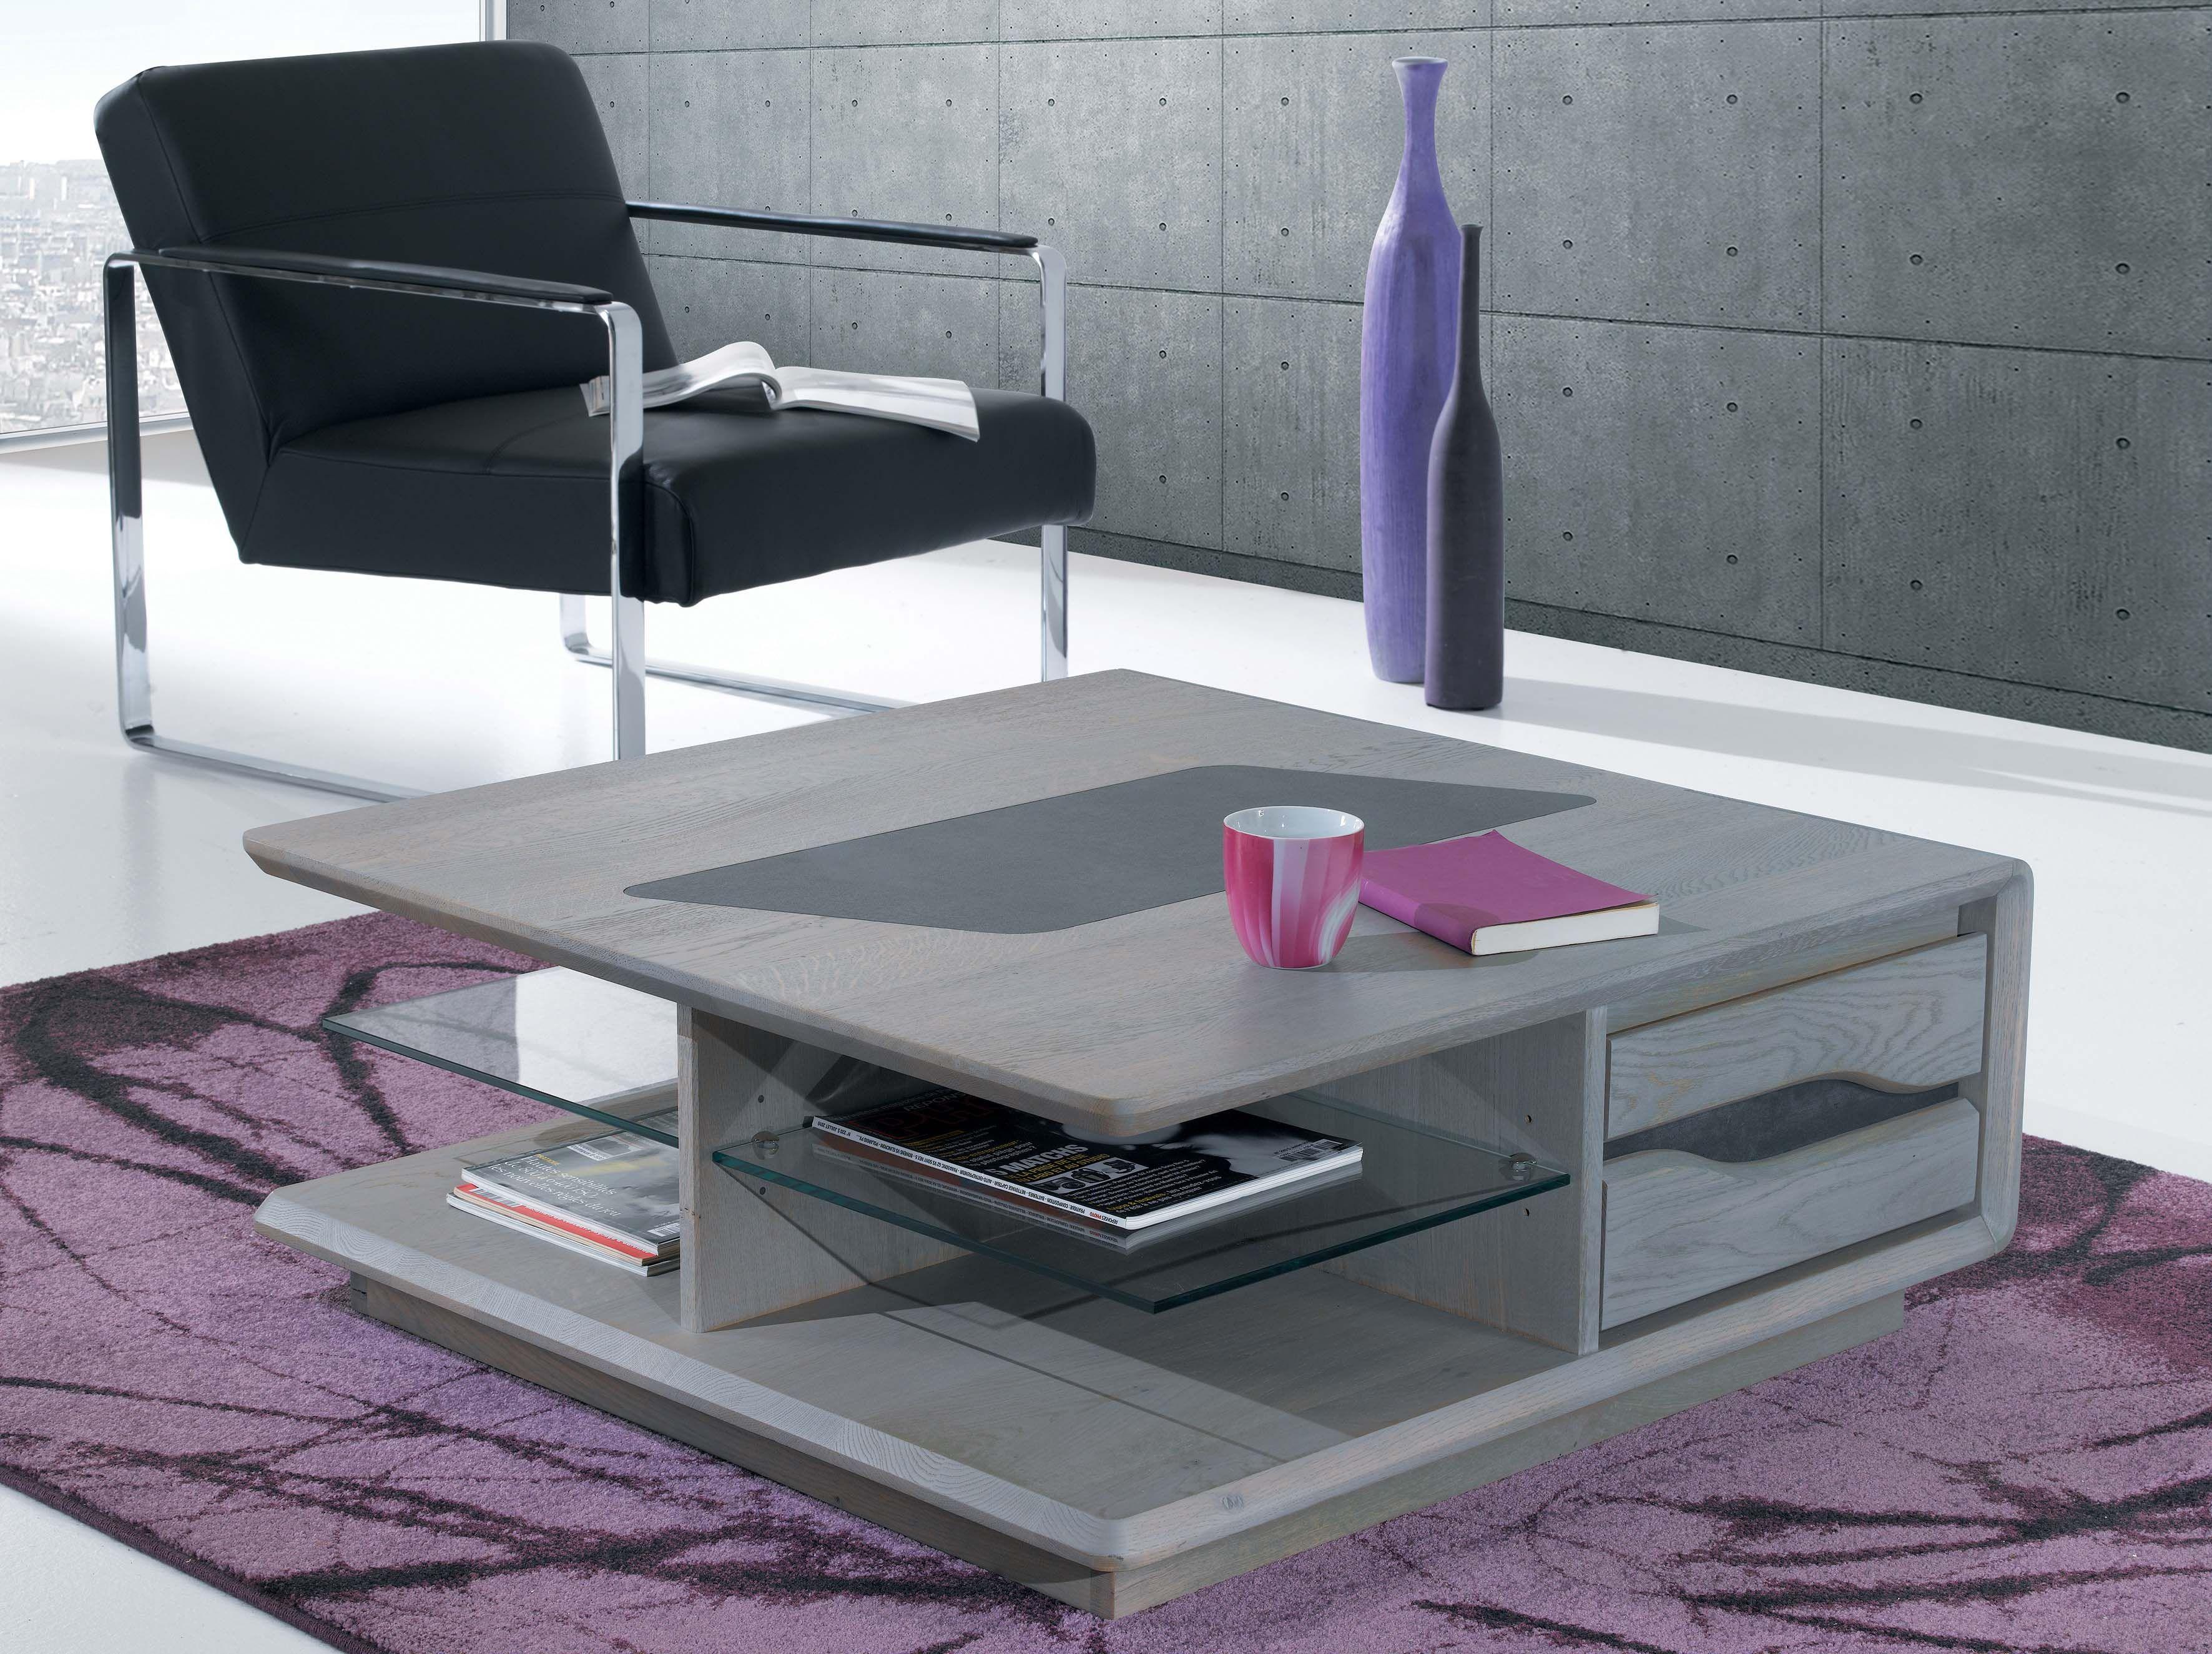 Sejour Ceram Table Basse Carree 2 Tiroirs Largeur 90 Cm Hauteur 35 Cm Profondeur Table Basse Table Basse Contemporaine Table A Manger Avec Rangement